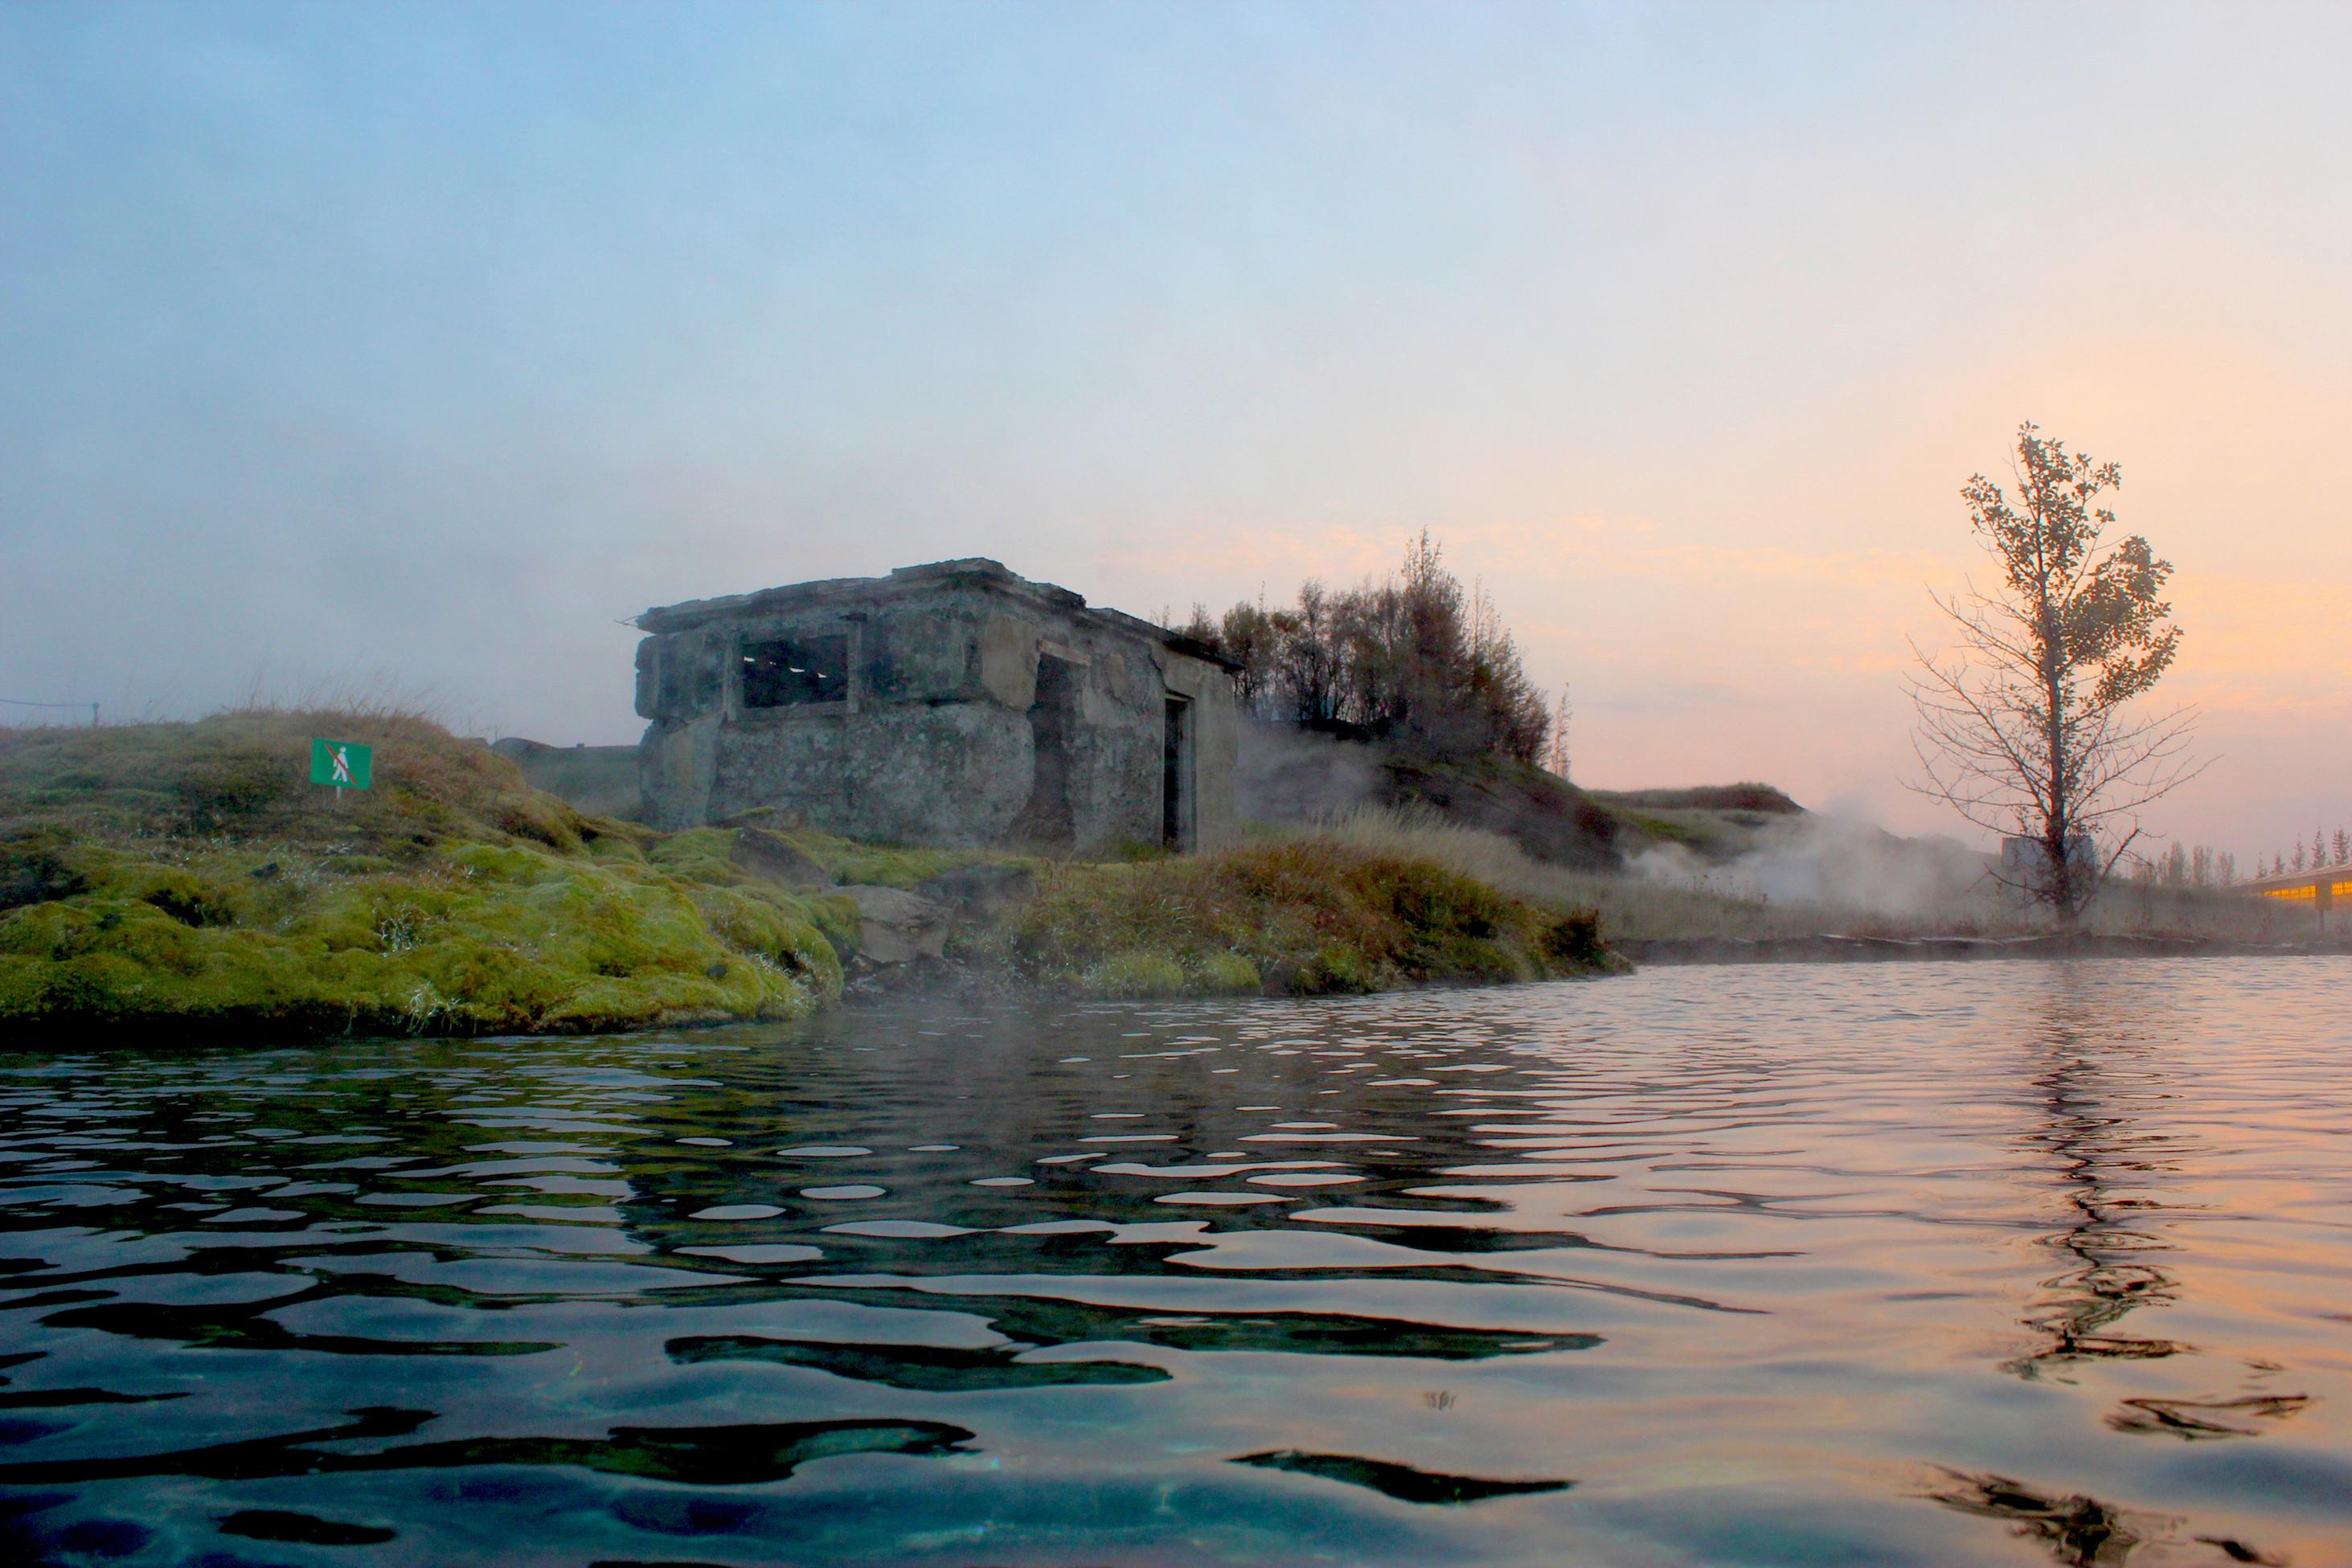 美しいナチュラルプール、シークレットラグーンは歴史的にも重要な場所